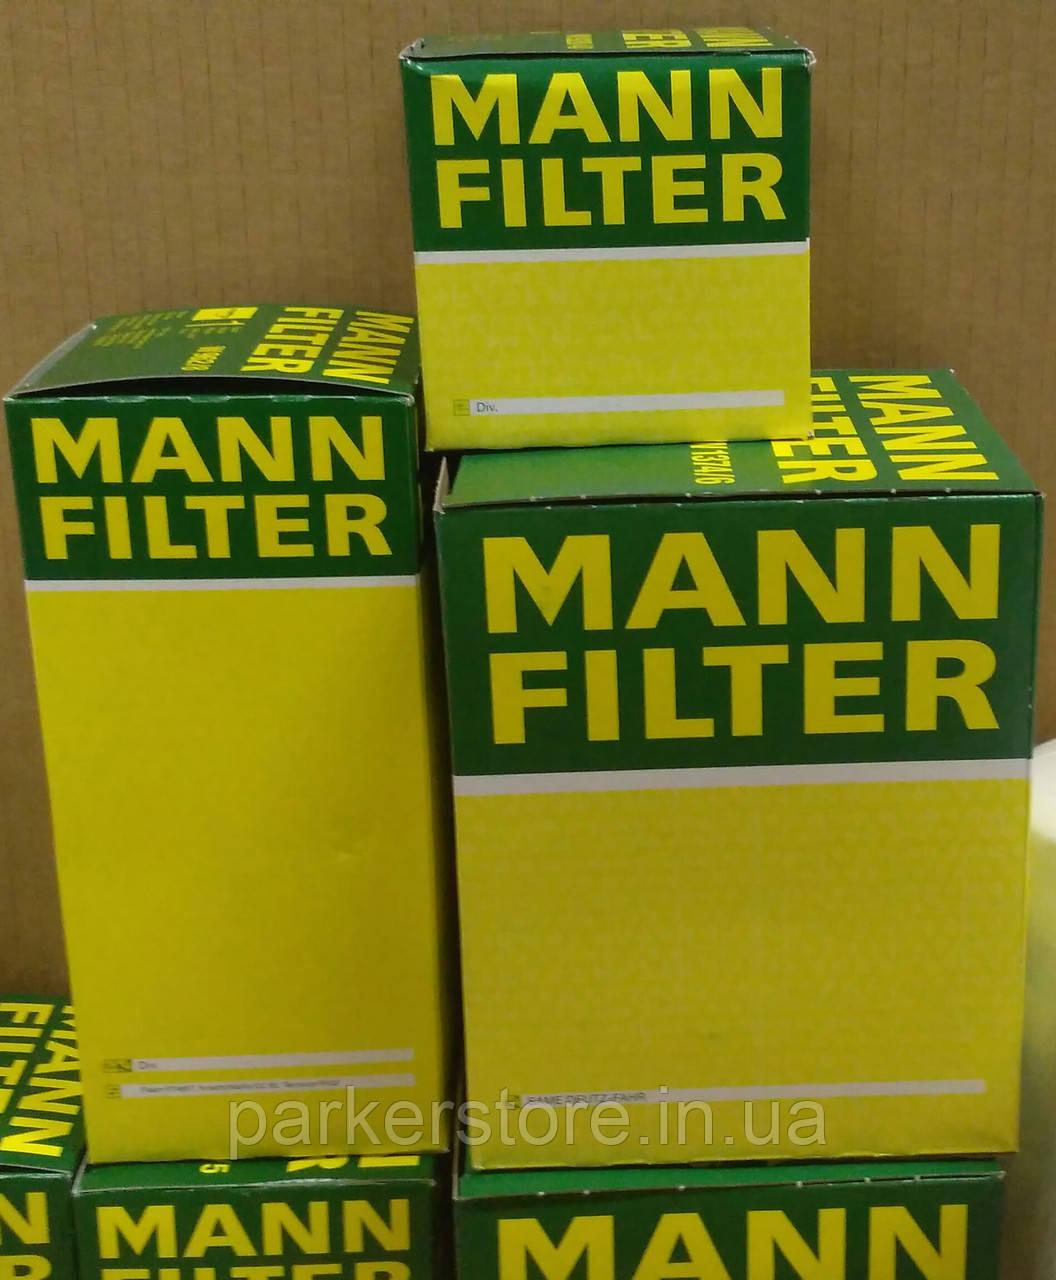 MANN FILTER / Повітряний фільтр / C 15 127 / C15127